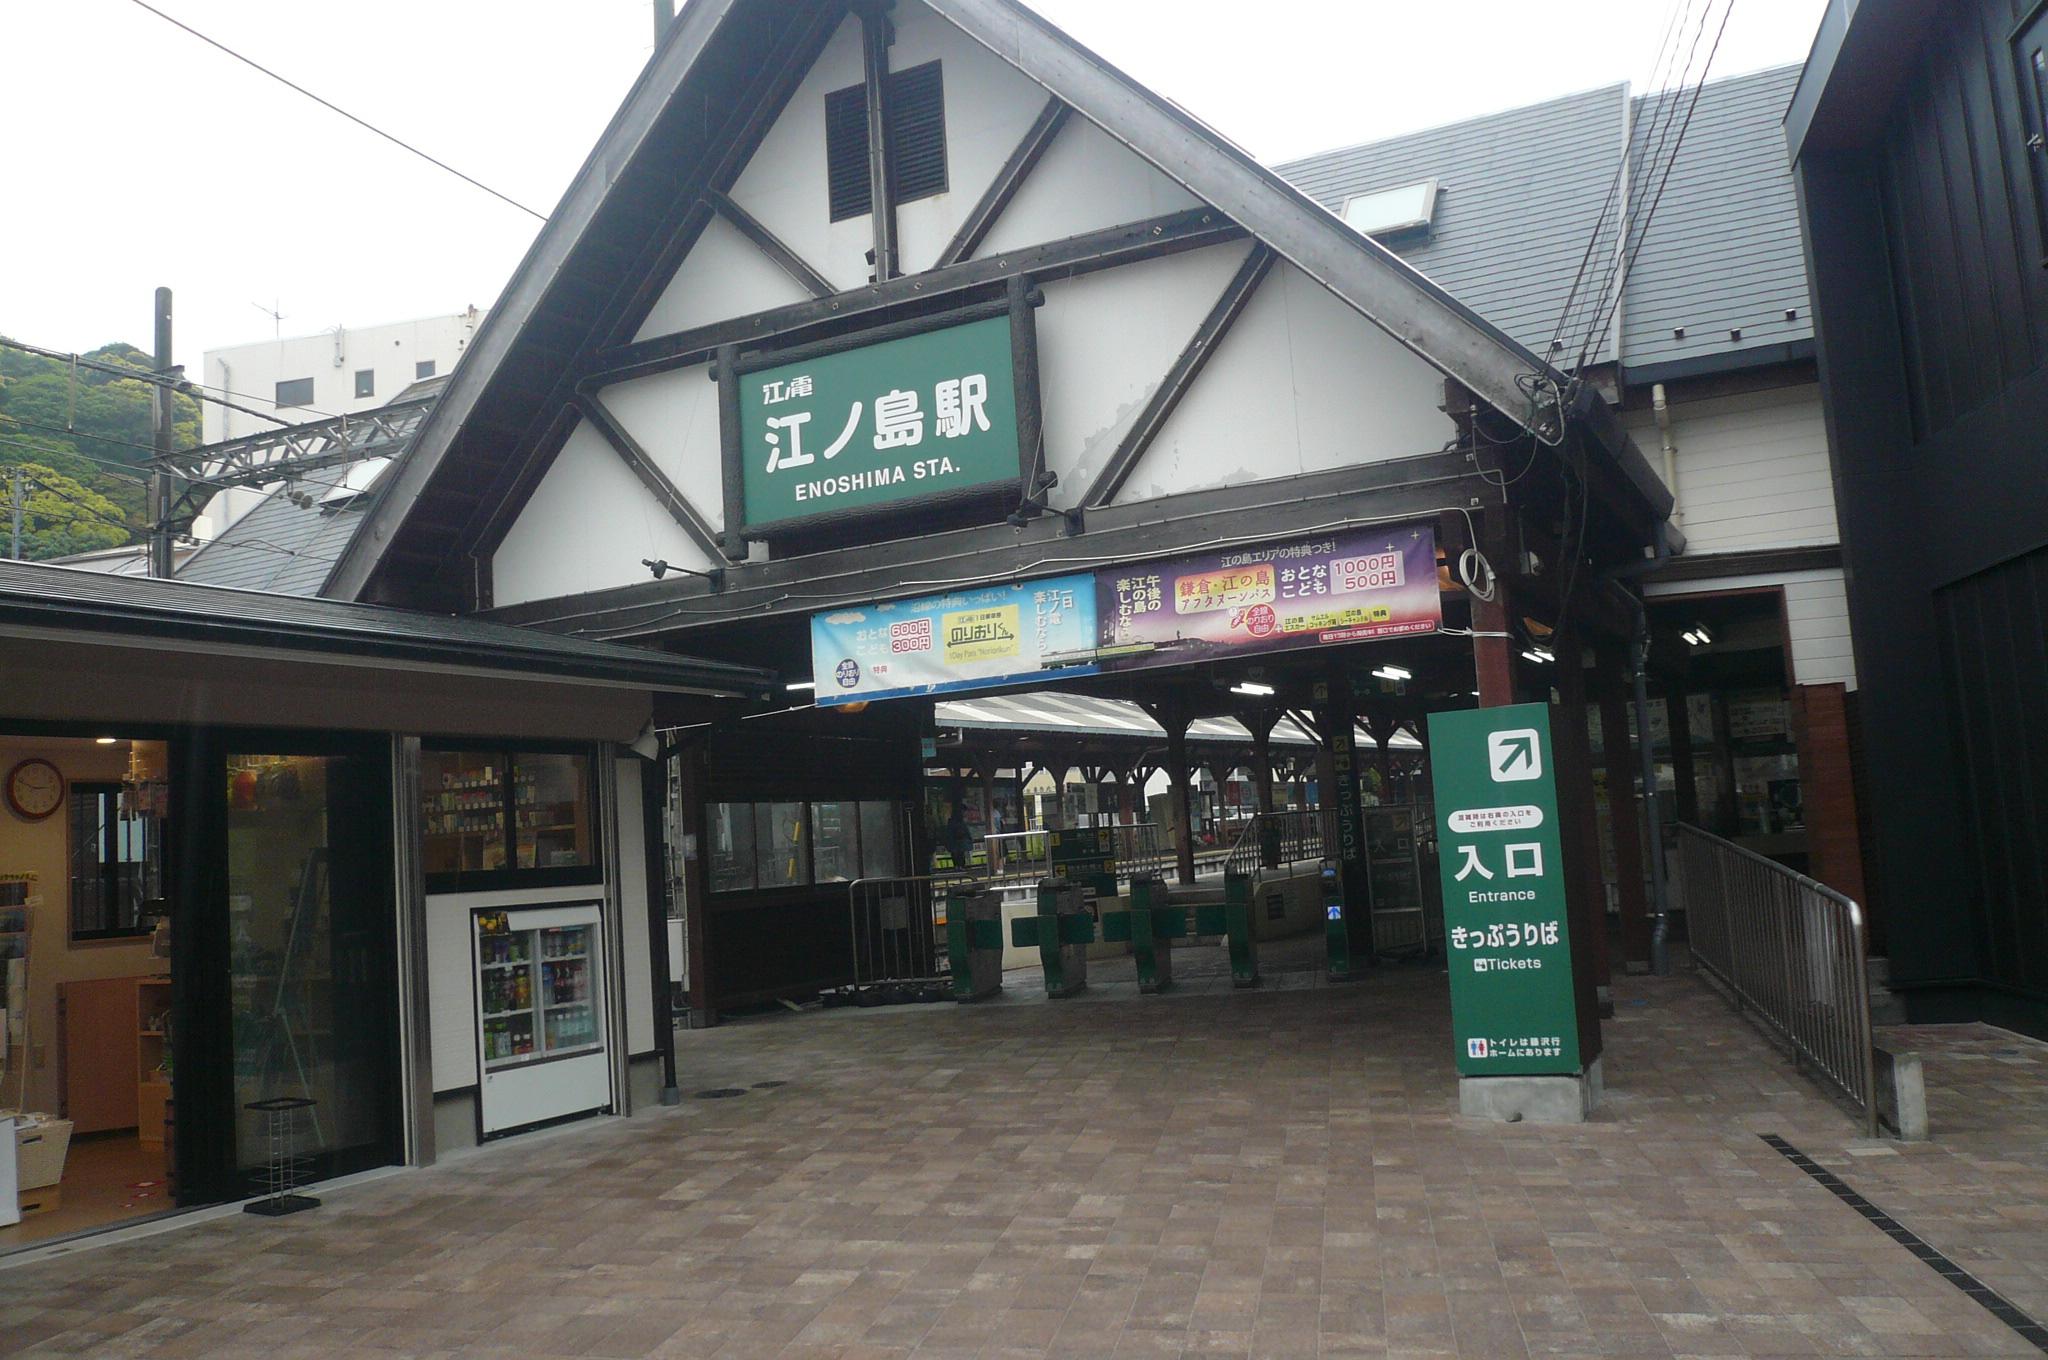 江ノ電江ノ島駅に集合